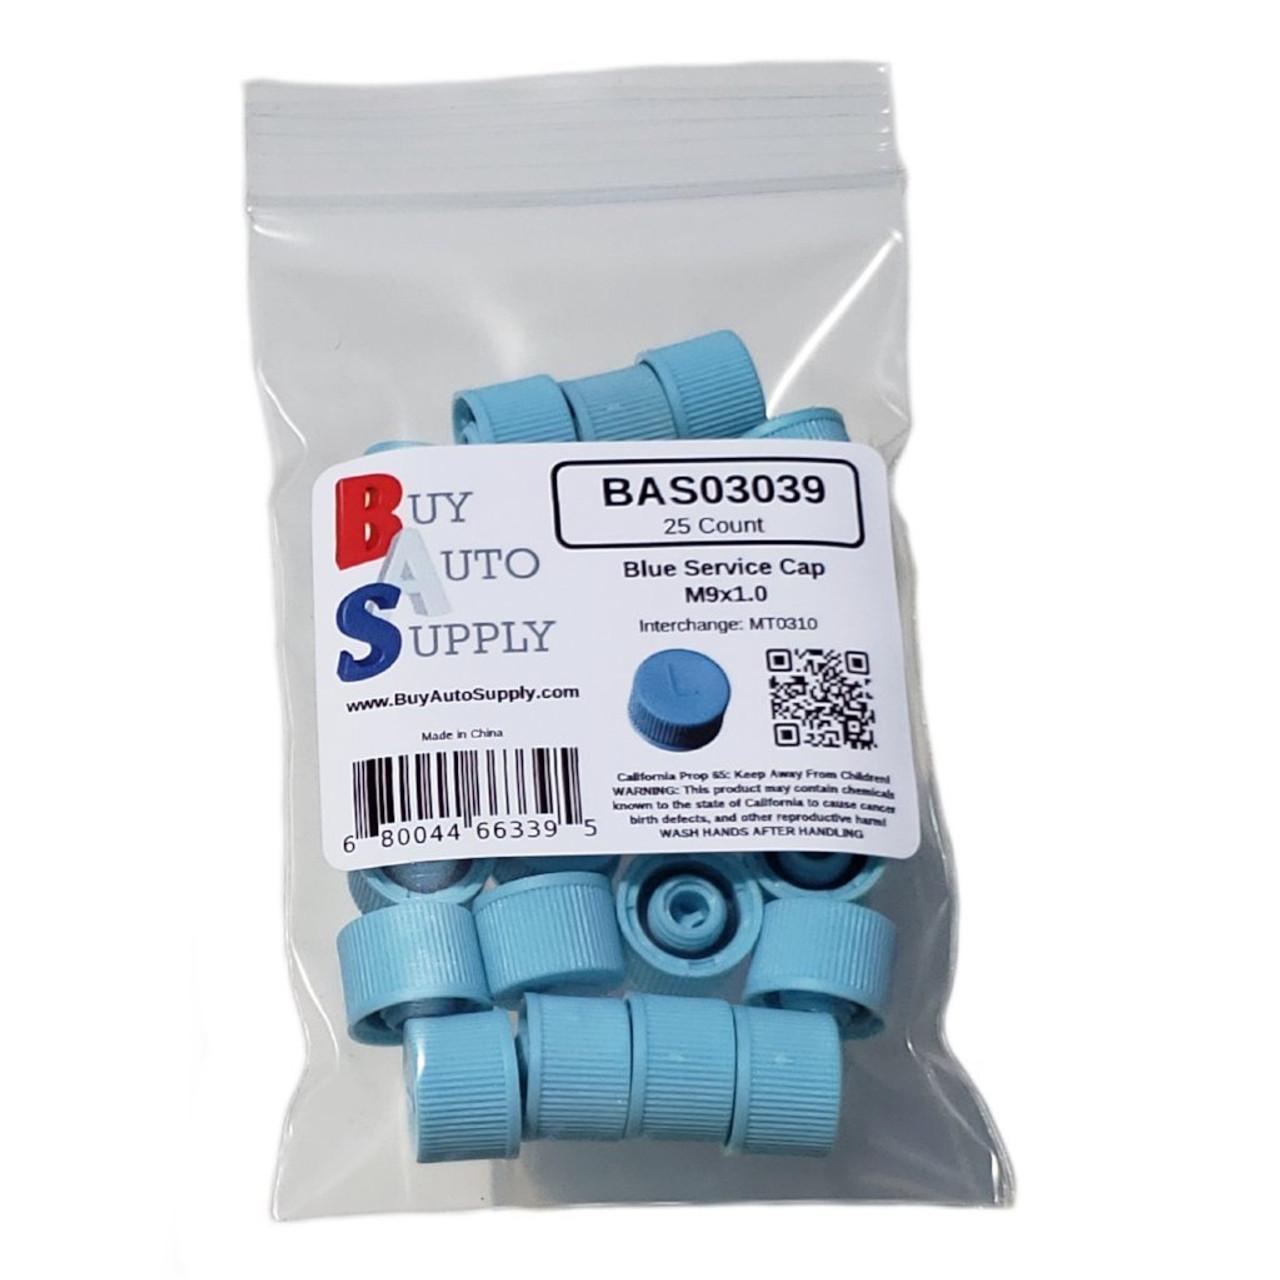 Bag of AC Service Valve Caps R134a - Blue Low Side M9x1.0 - Interchanges: MT0310, 69500